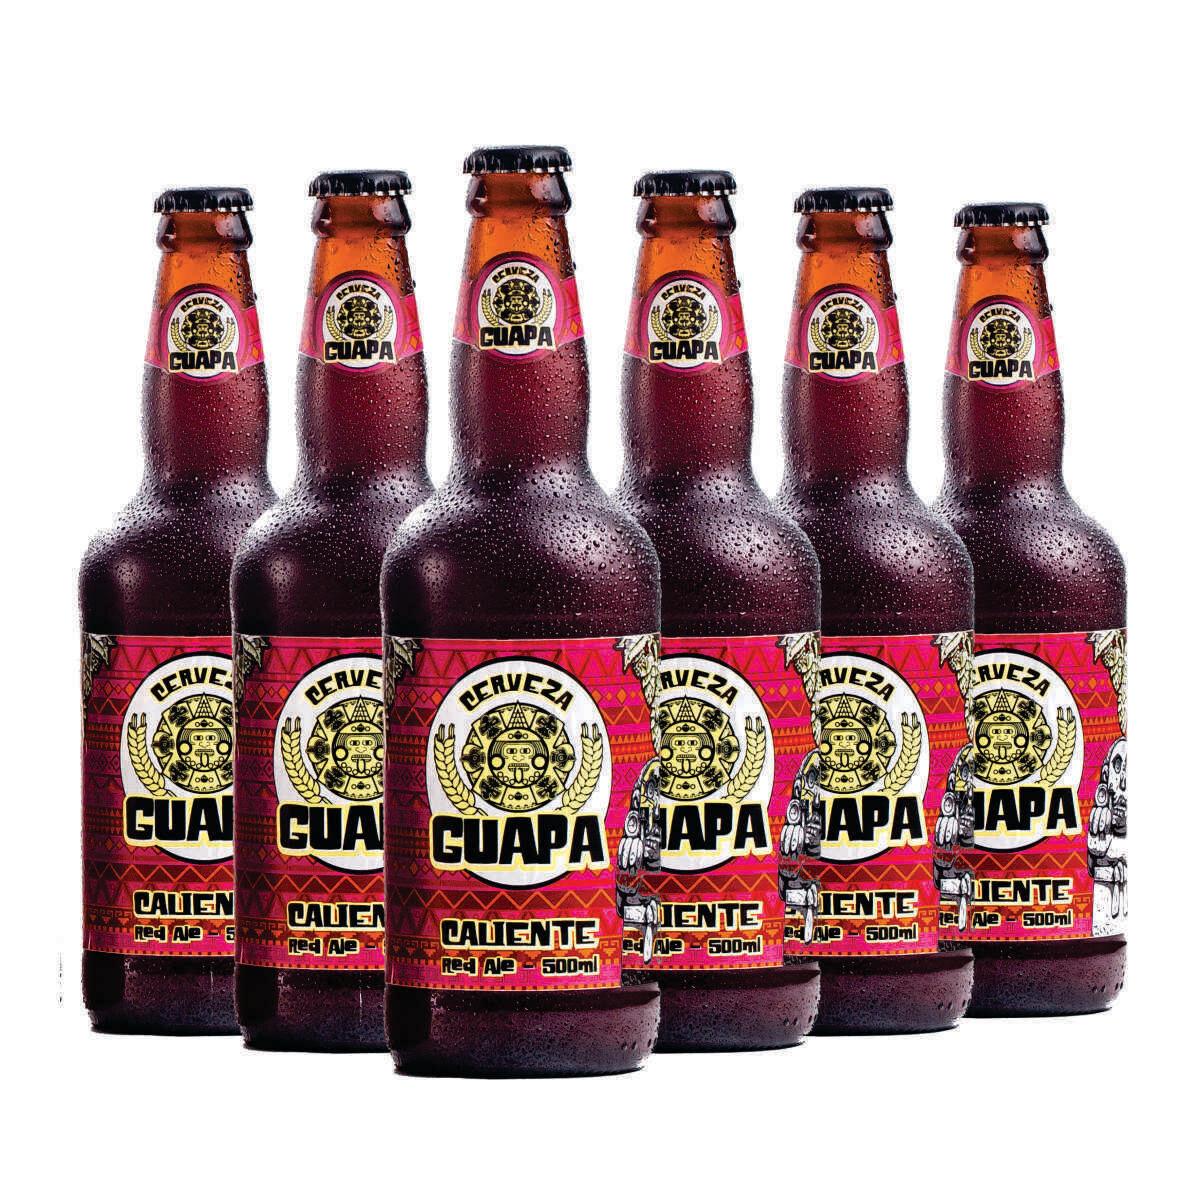 Caliente Red Ale - 6UN de 500ml